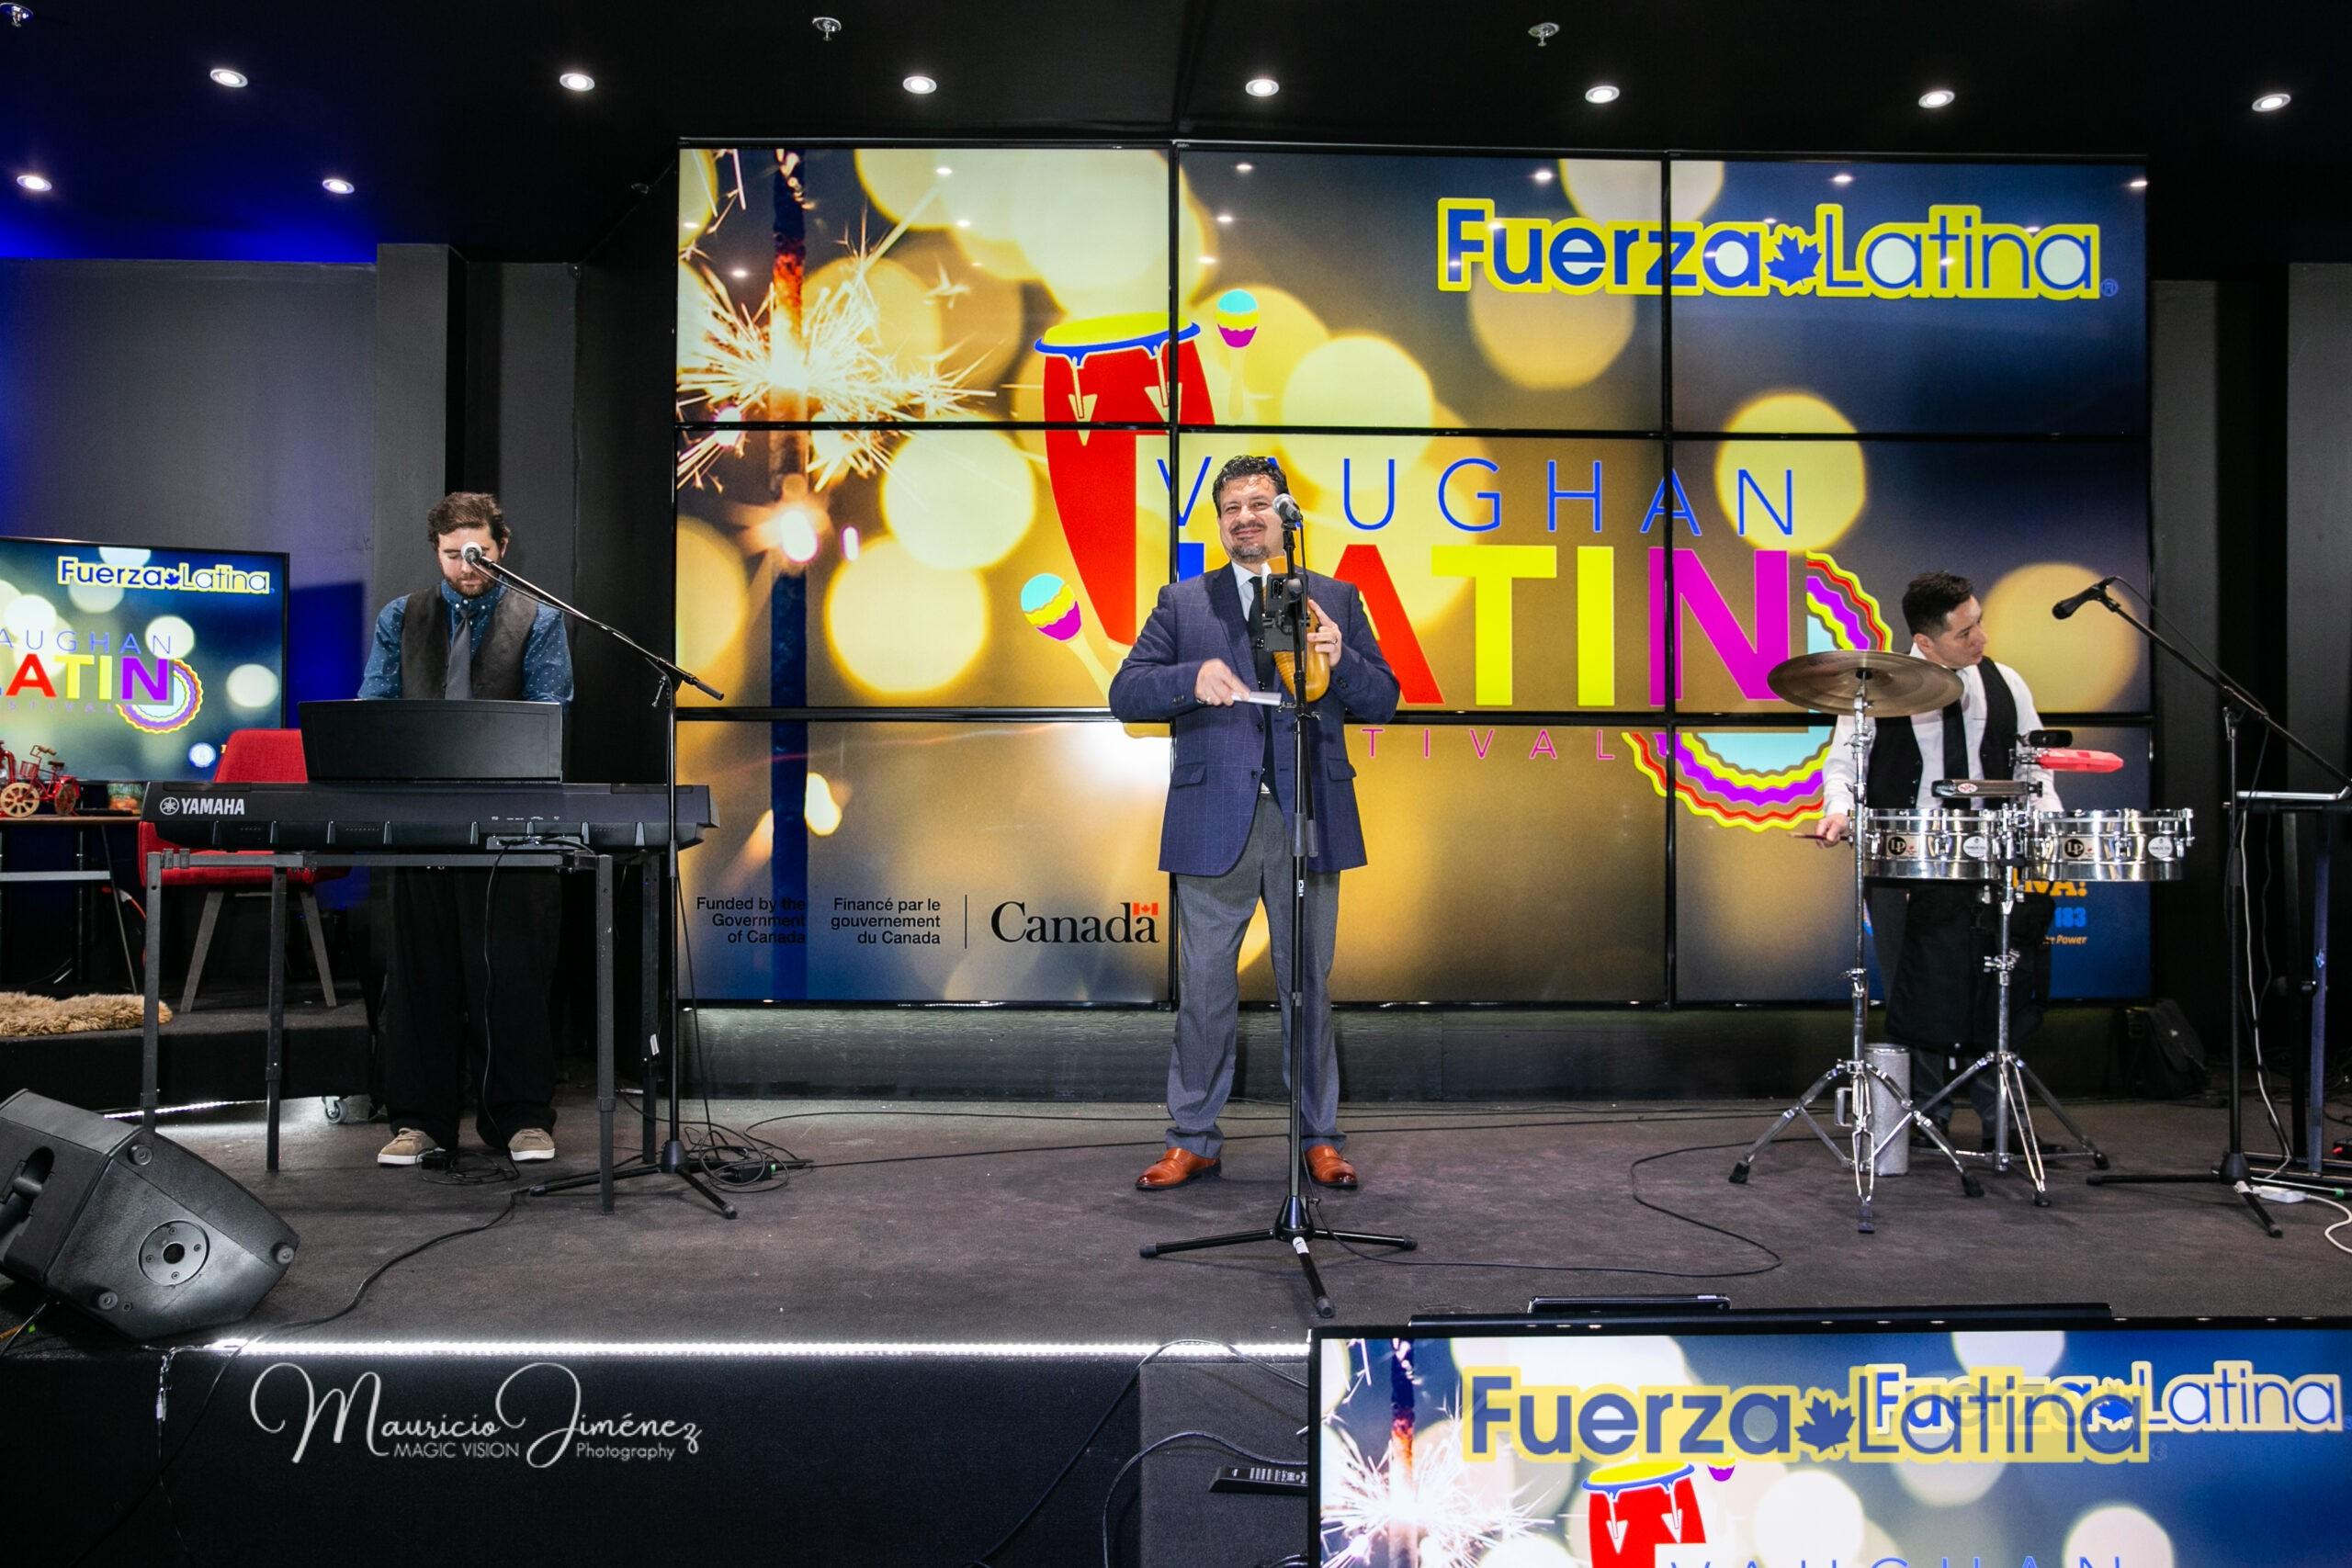 Magic_Vision-Fuerza_Latina-2020-09-19_258